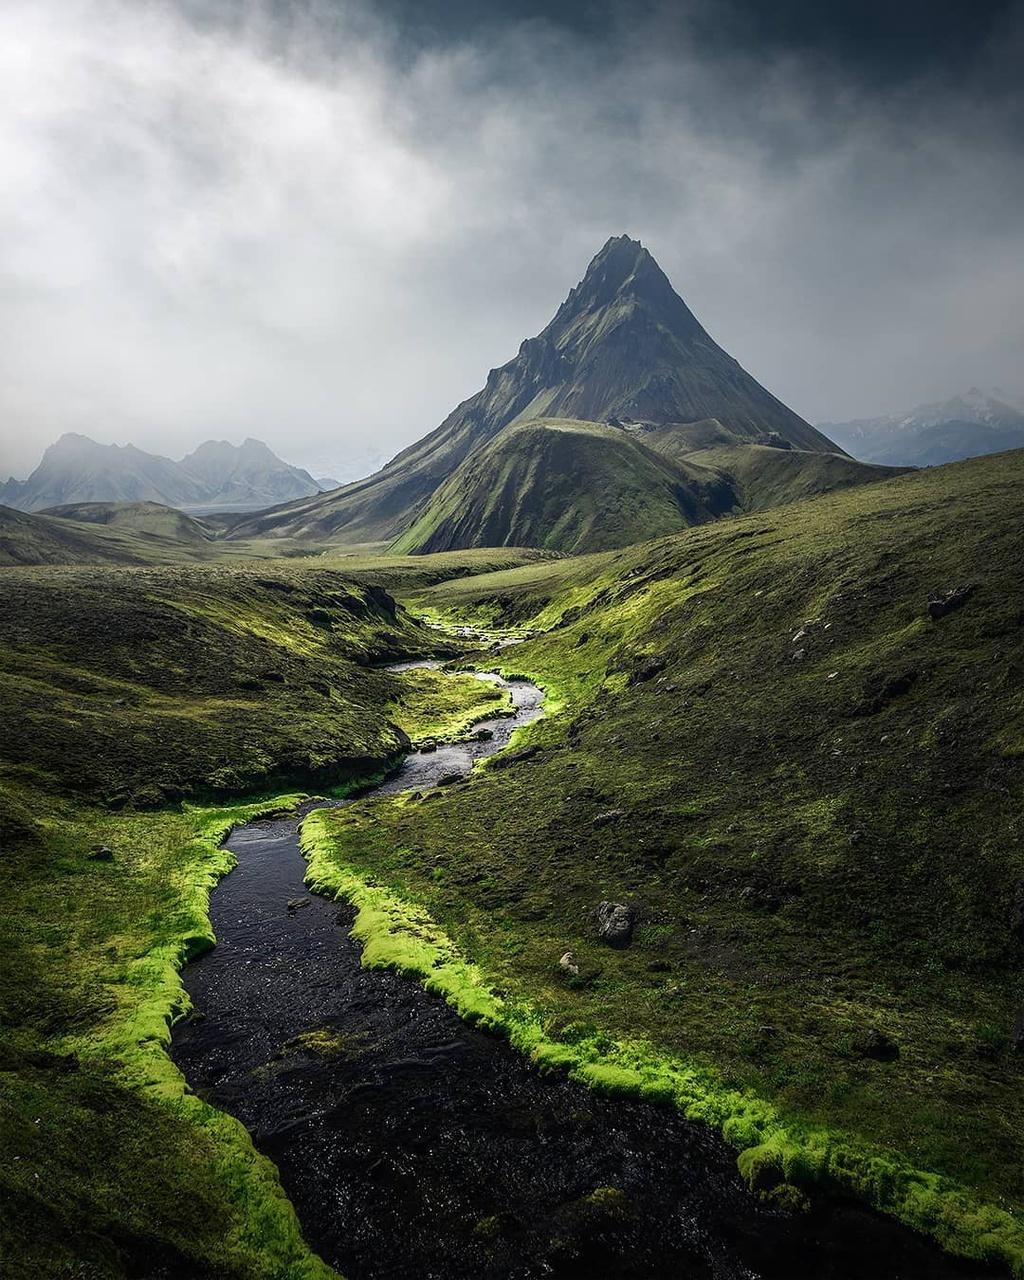 Nếu lái xe trên đường ở vùng nông thôn Iceland, du khách sẽ nhận thấy tấm thảm rêu trên những cánh đồng dung nham không bao giờ kết thúc. Màu xanh lá cây dường như lan rộng và phủ đến đường chân trời, tựa những đám mây xanh bất tận nằm trên mặt đất, liên tục thay đổi sắc độ. Xứ sở thần tiên phủ đầy rêu trông như bước ra từ một bộ phim khoa học viễn tưởng, khiến du khách không khỏi ngỡ ngàng khi chiêm ngưỡng.